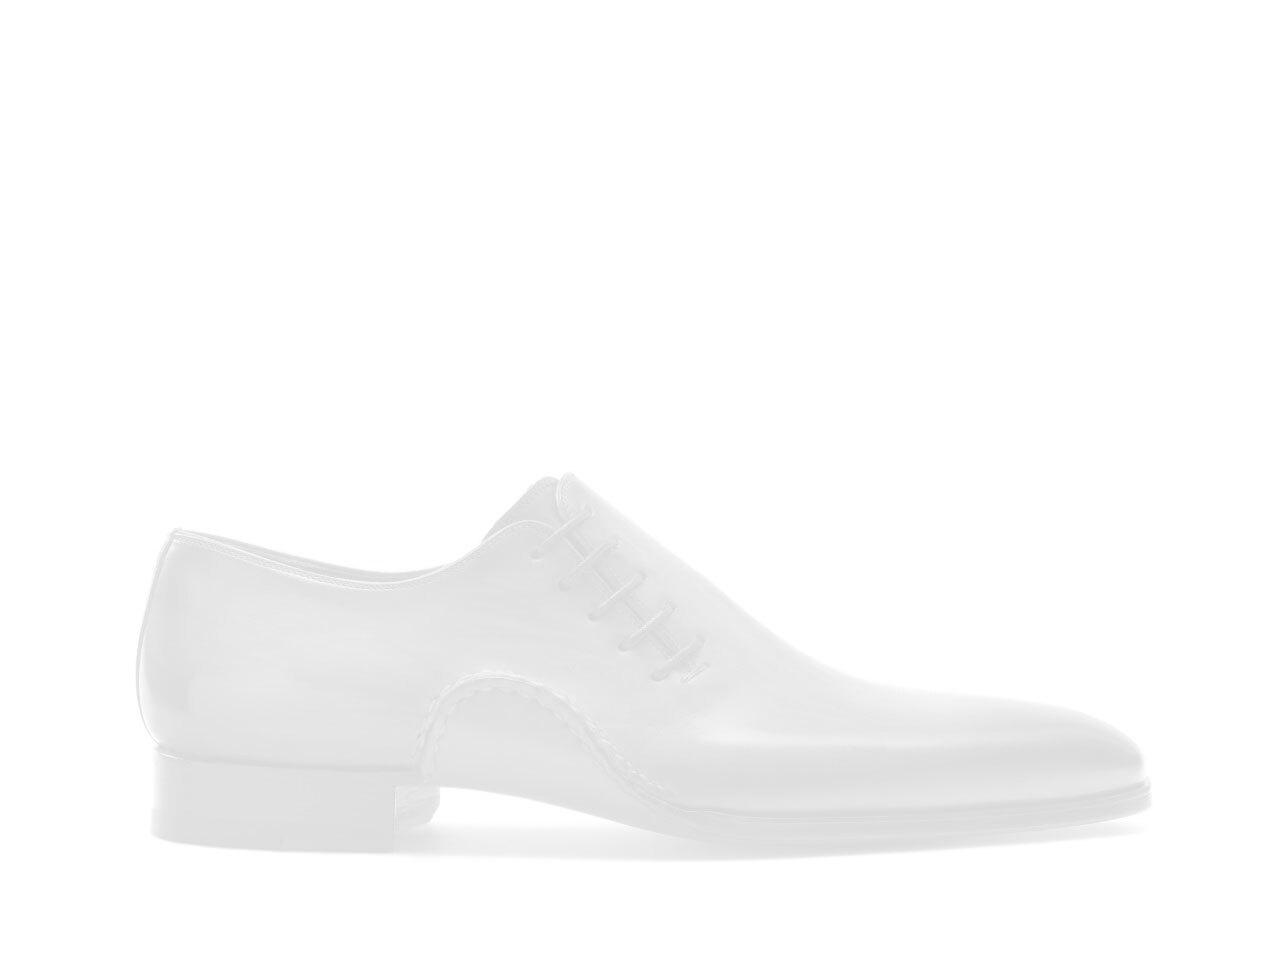 Cognac & grey lace up wholecut shoes for men - Magnanni